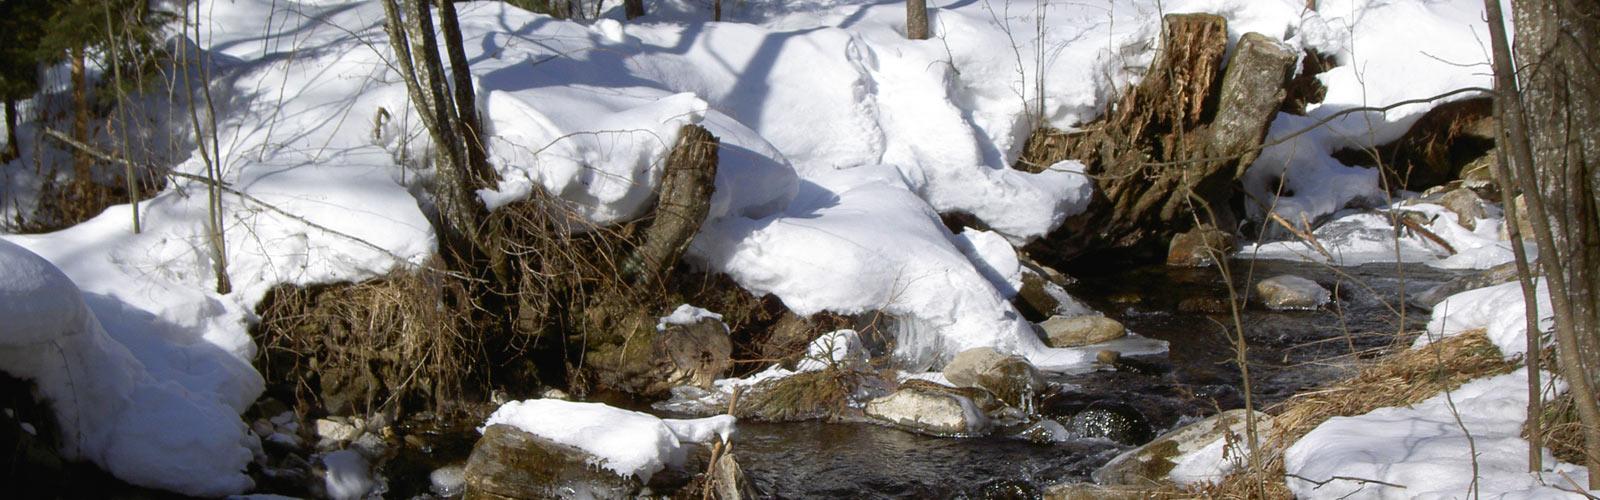 adlerbad_slider_home_winter5